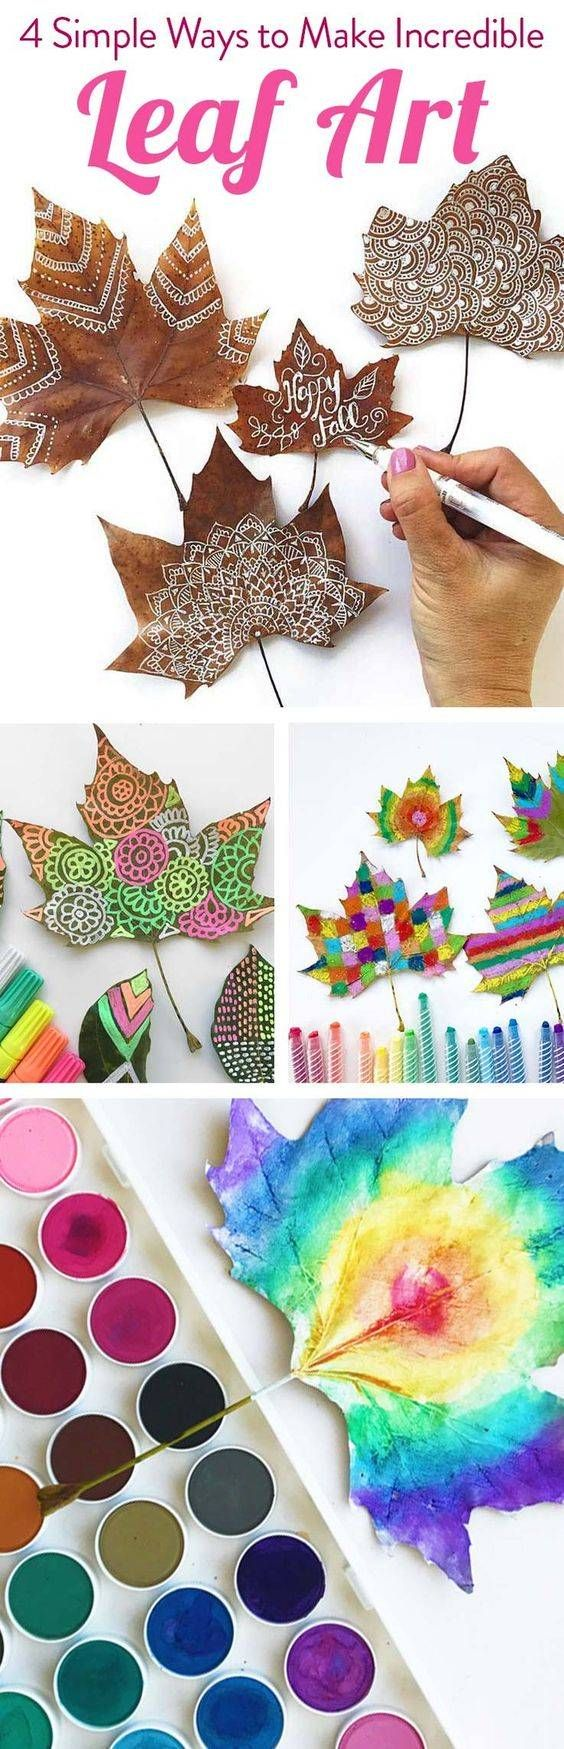 Herbstdeko selber machen – 15 DIY Bastelideen für die dritte Jahreszeit – Anja Braasch